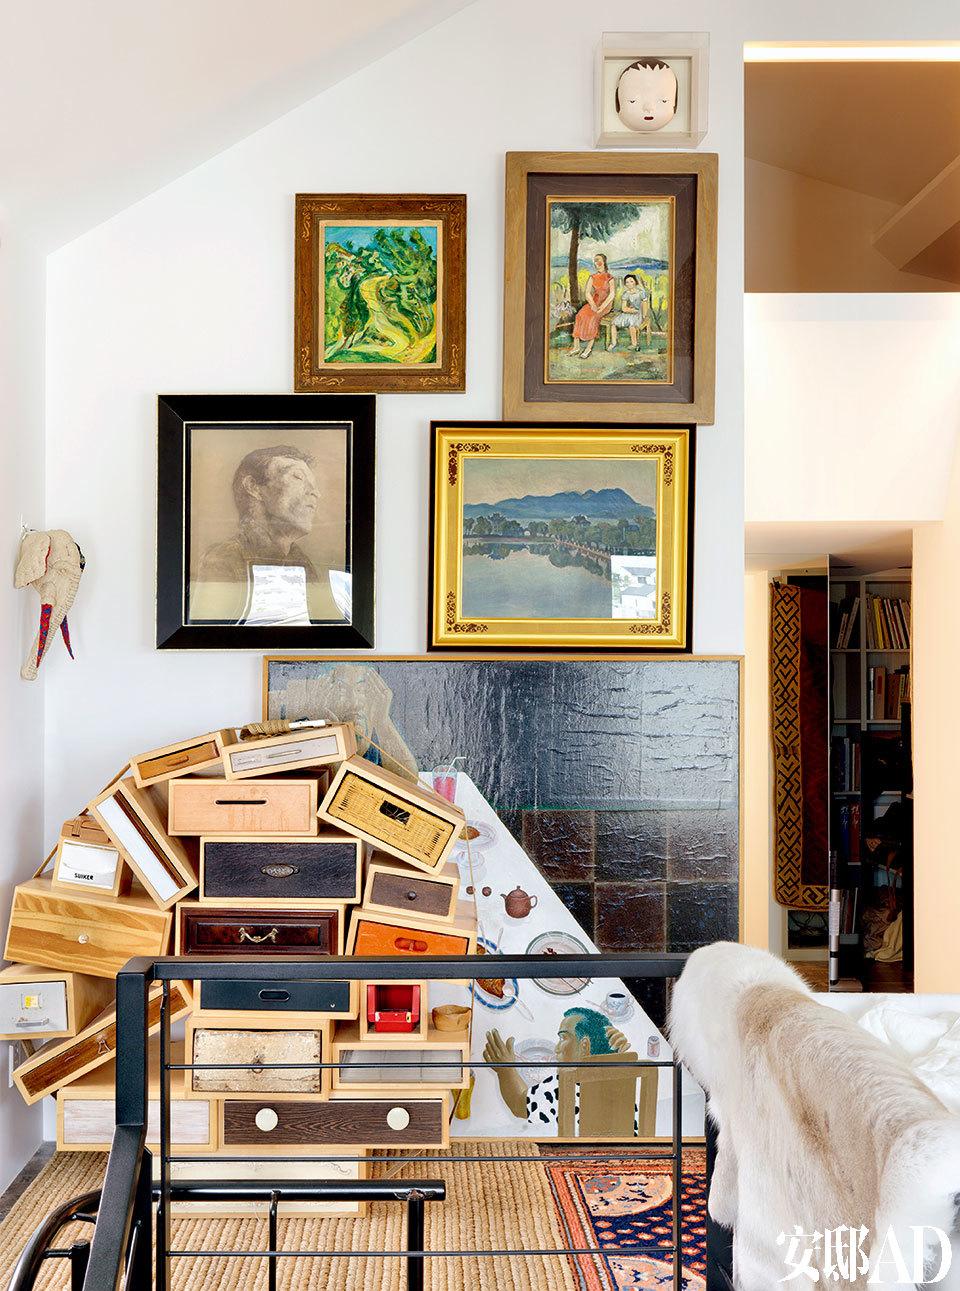 右边小门通往阁楼,上方的白色窗户为主卧室所在。墙面艺术品,上方为奈良美智作品,其下顺时针排序分别为苏丁、关良、毛焰、梅原龙三郎、Nyoman Masriadi的作品。左侧的大象头为川久保玲的作品。